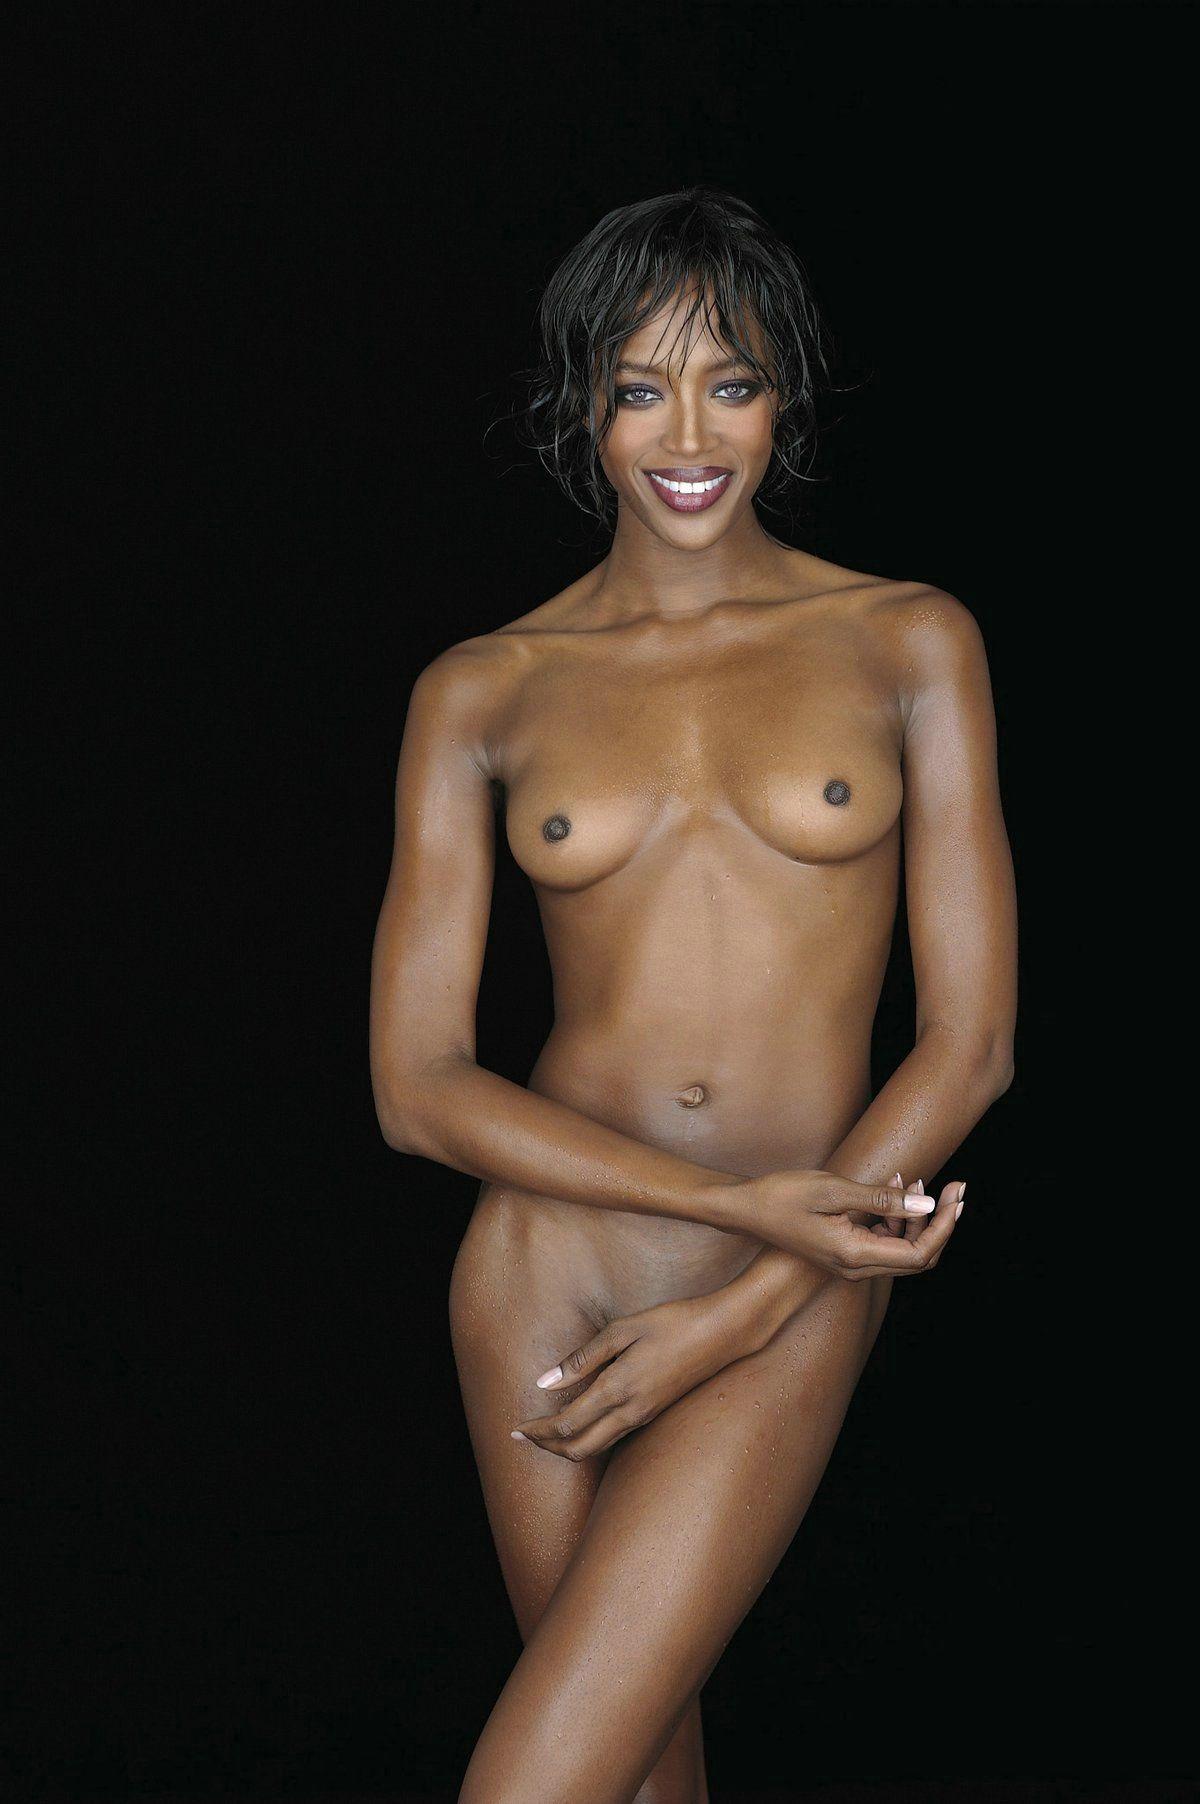 Ella rose corby nude